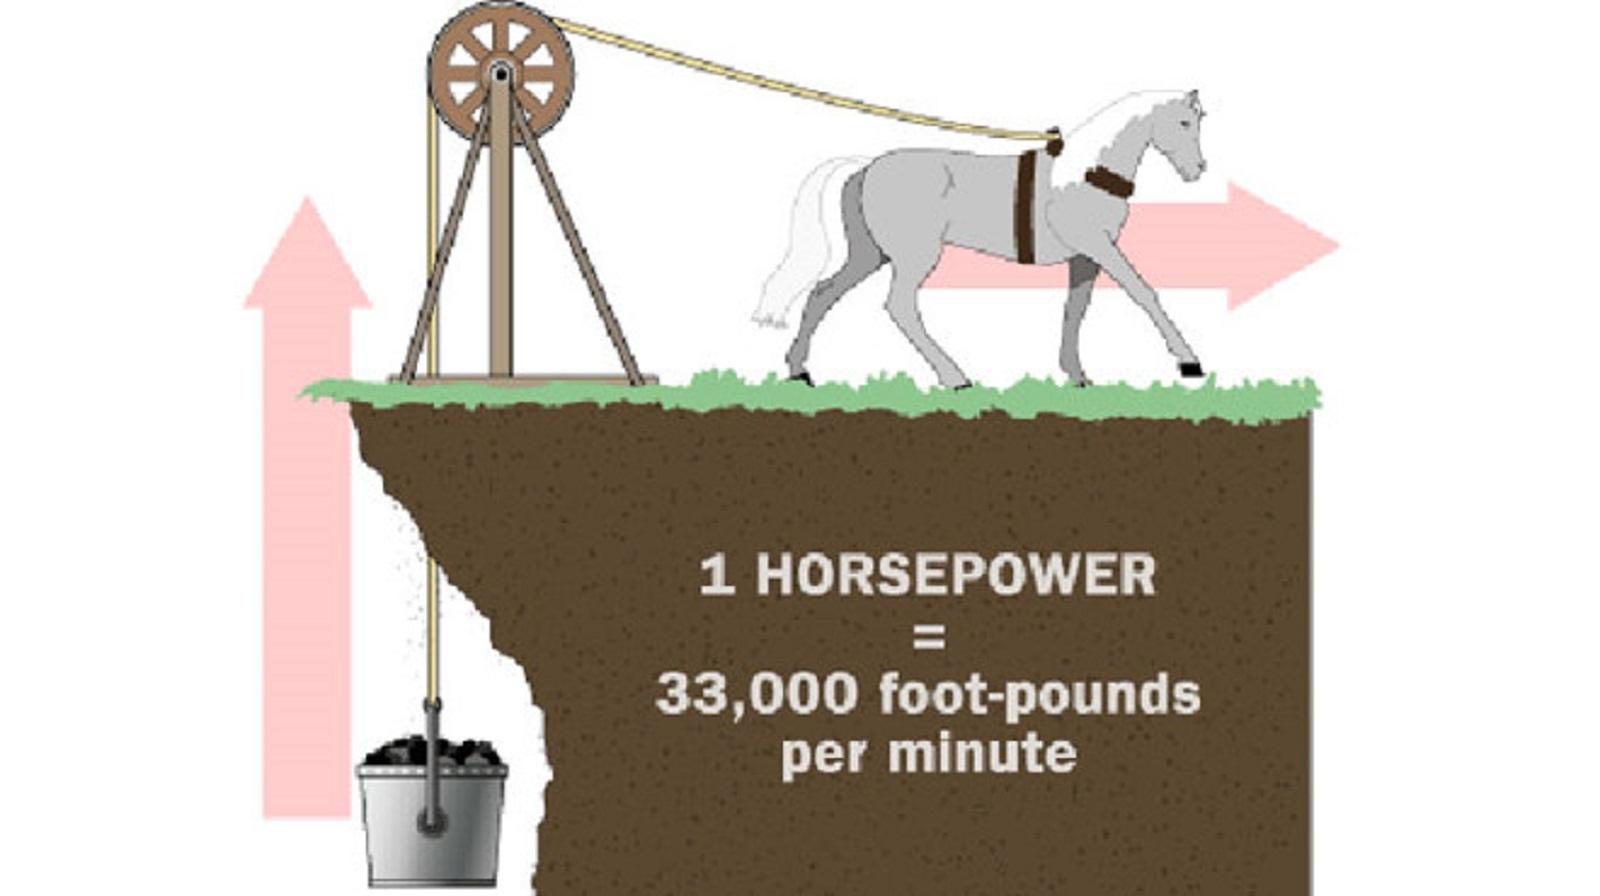 Tại sao lại dùng 'sức ngựa' để đo công suất động cơ ô tô? Ảnh 2